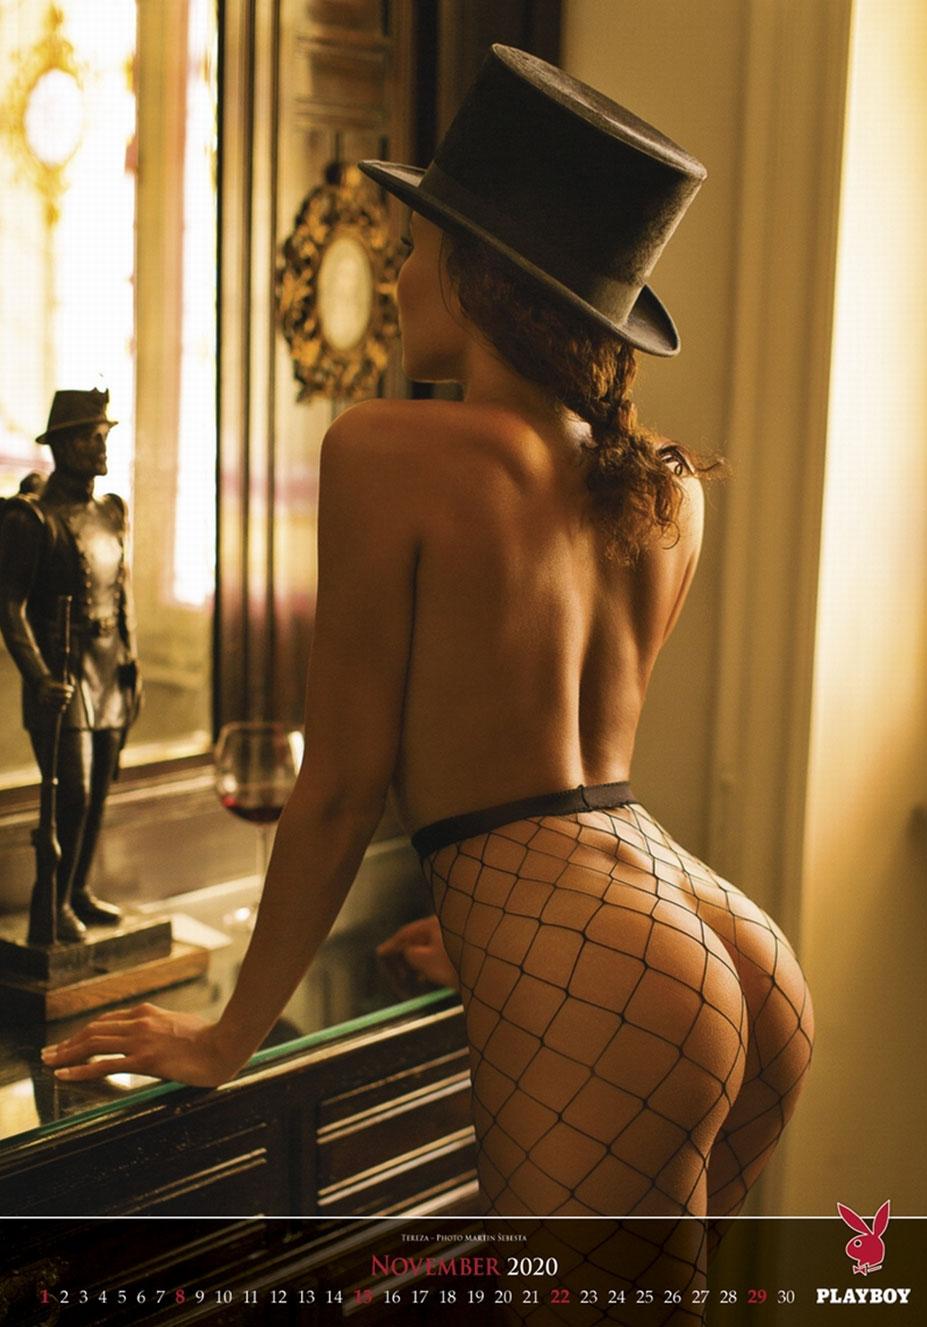 эротический календарь журнала Playboy США на 2020-й год / ноябрь